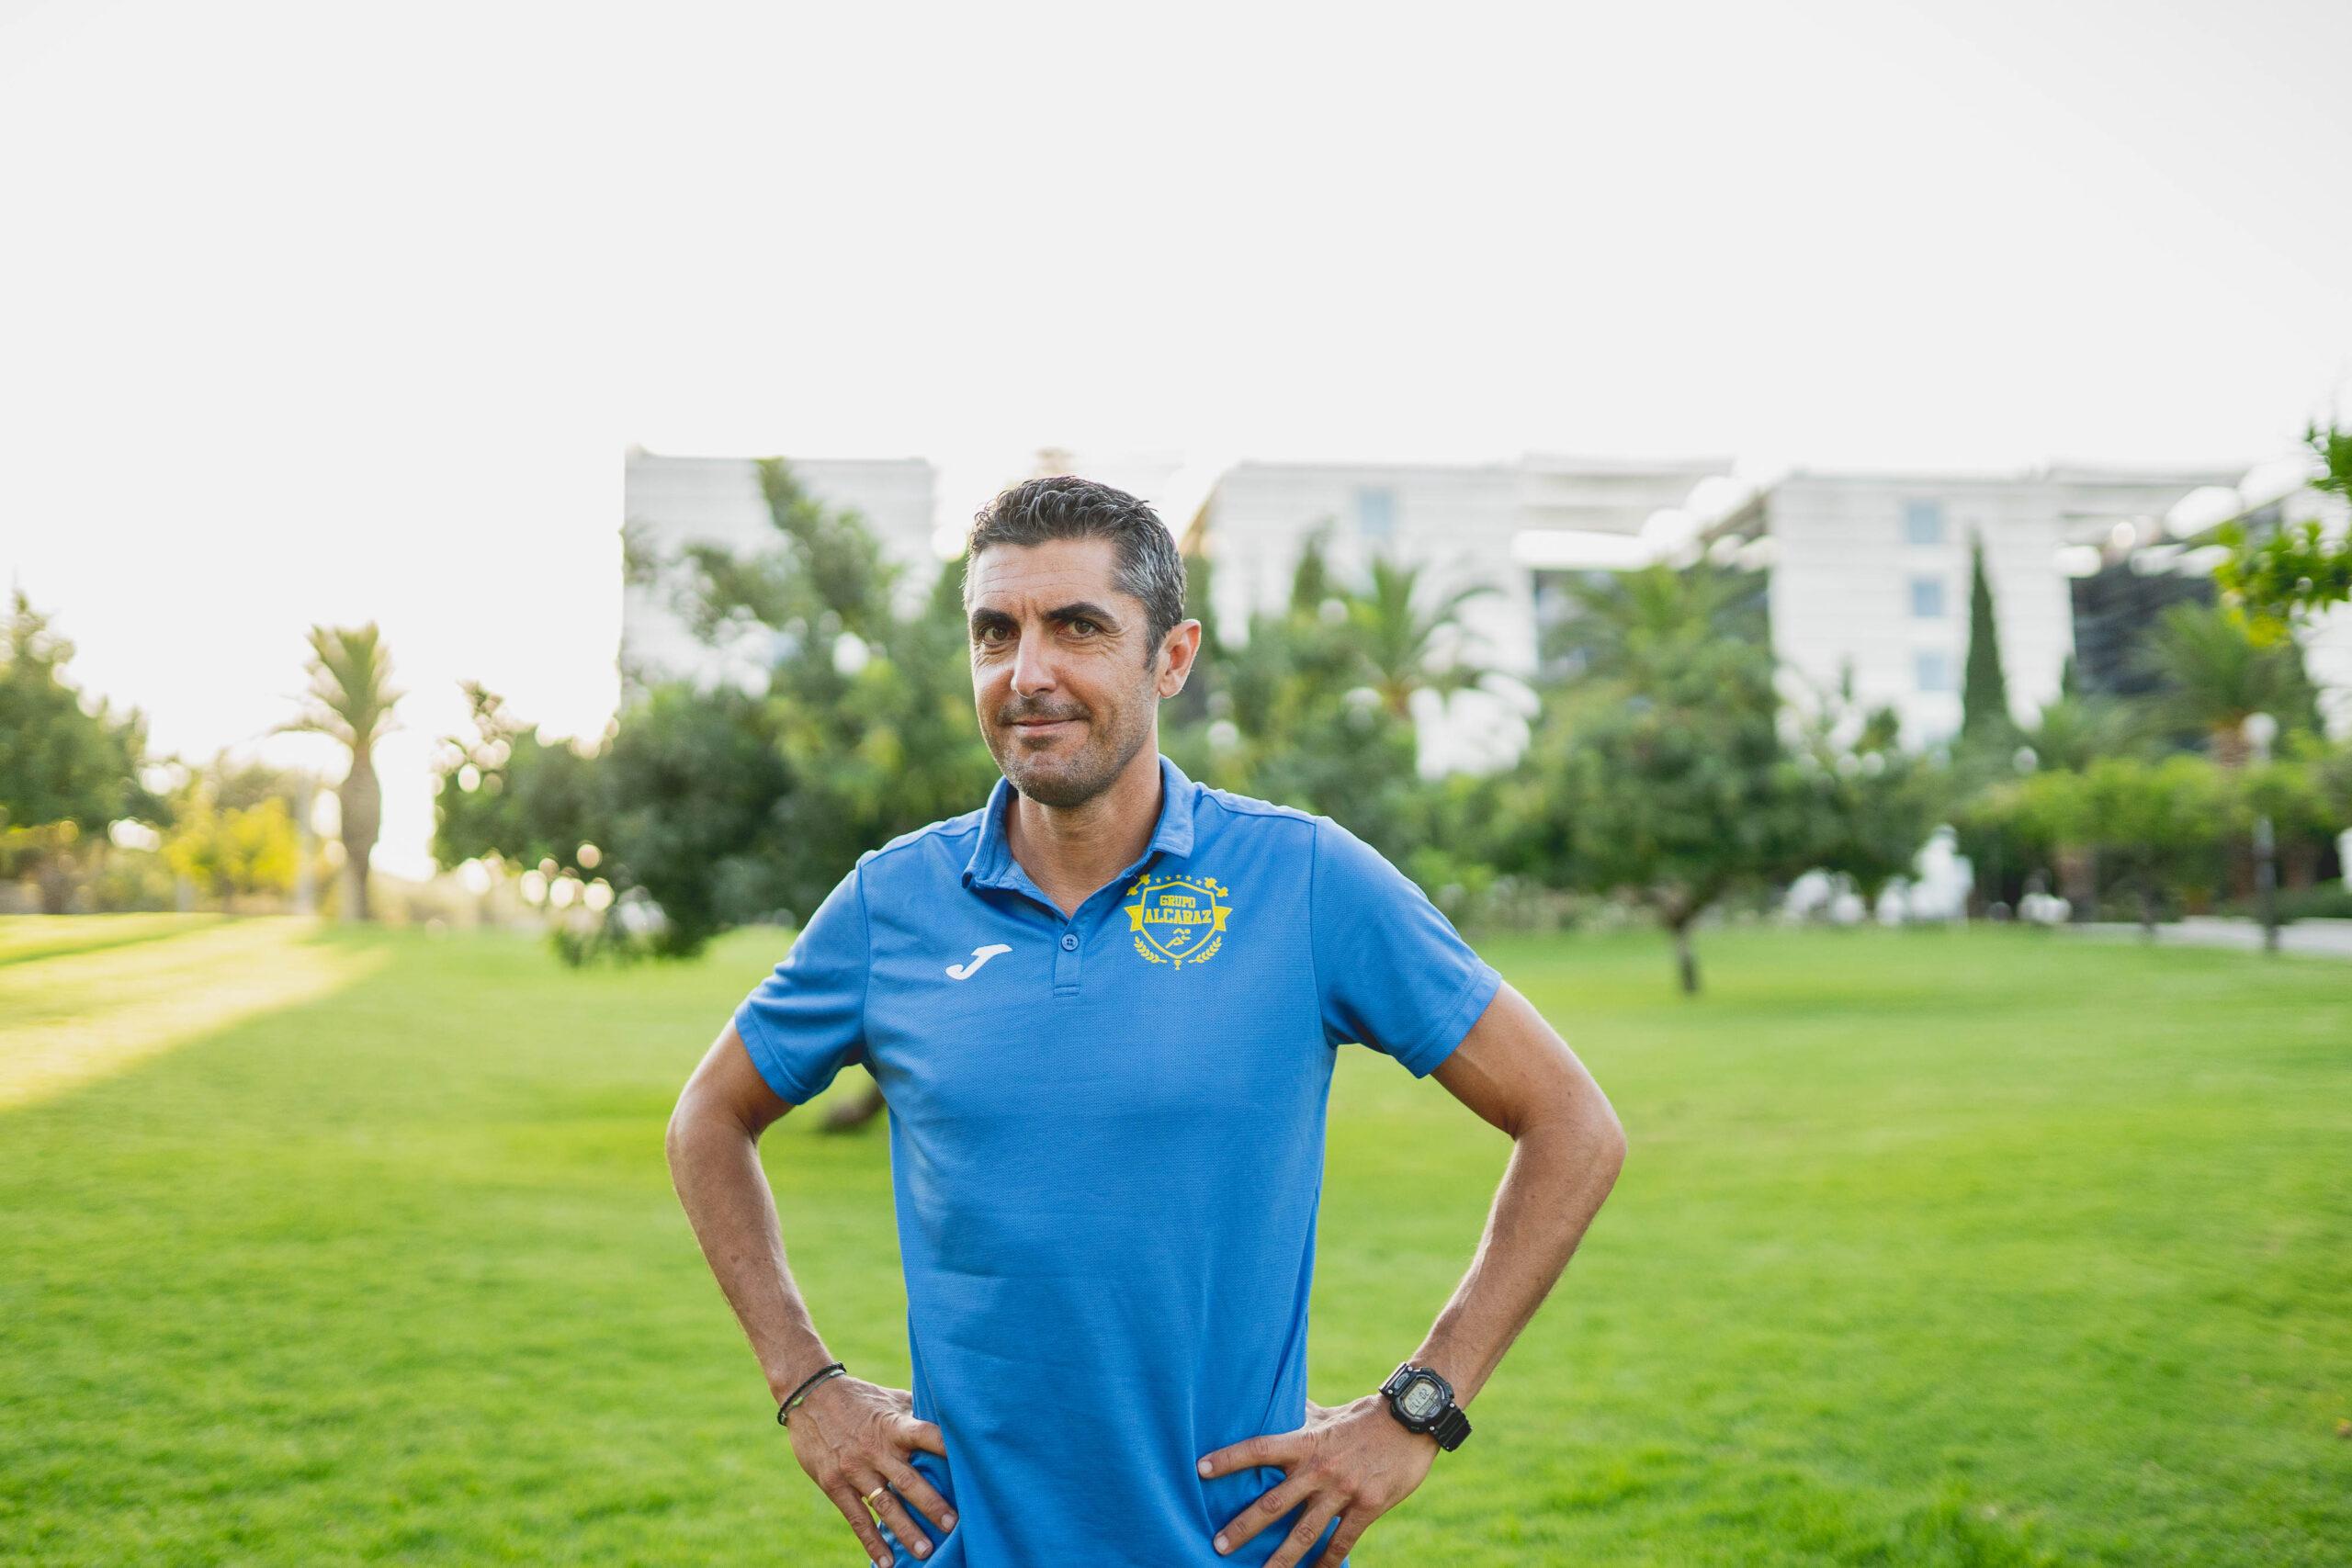 Jose Antonio Alcaraz Perez